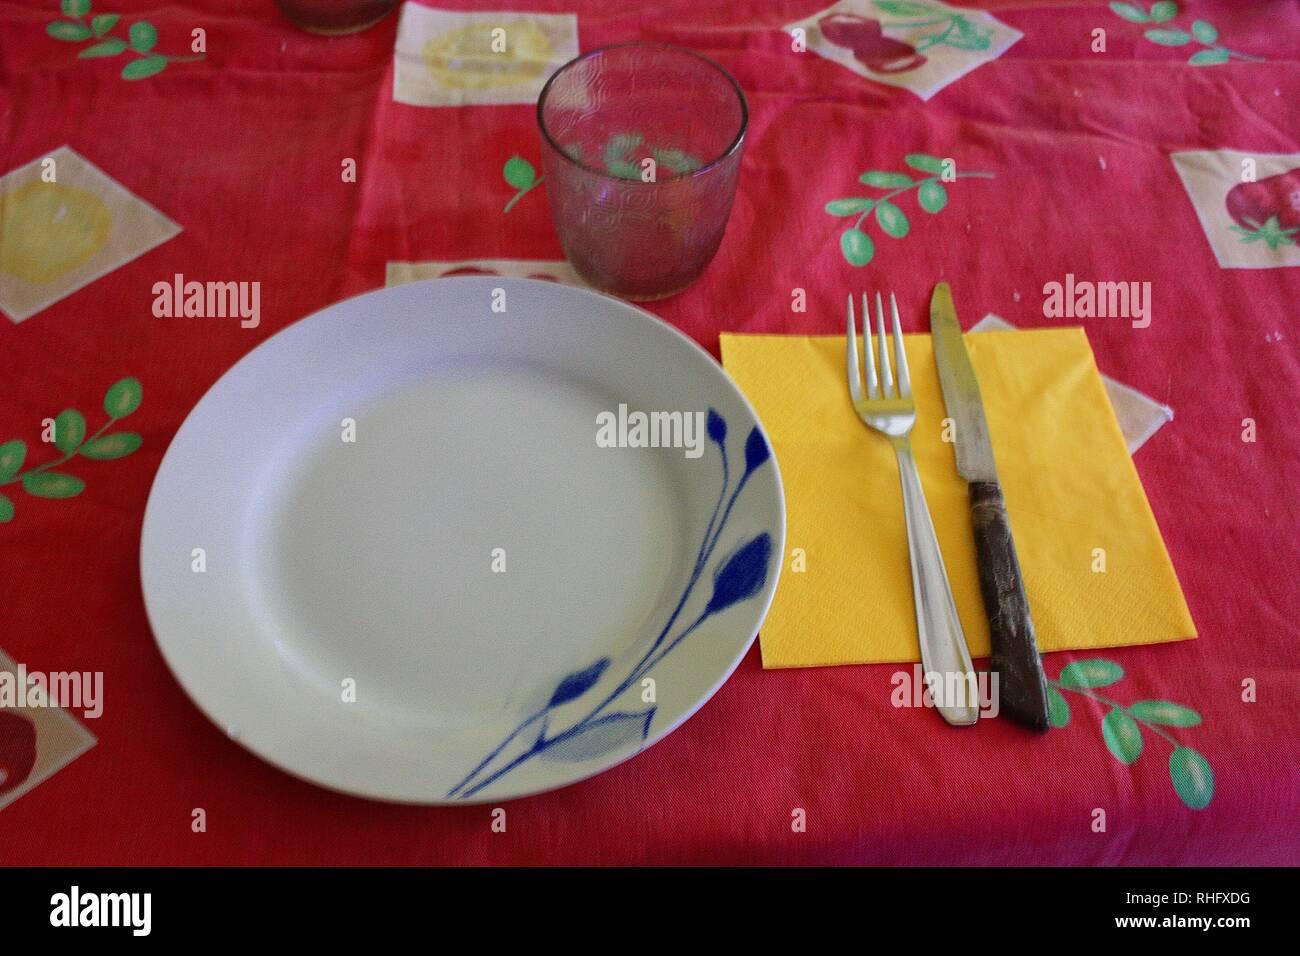 Set De Table Avec Des Assiettes Nappe Verre Et Couverts